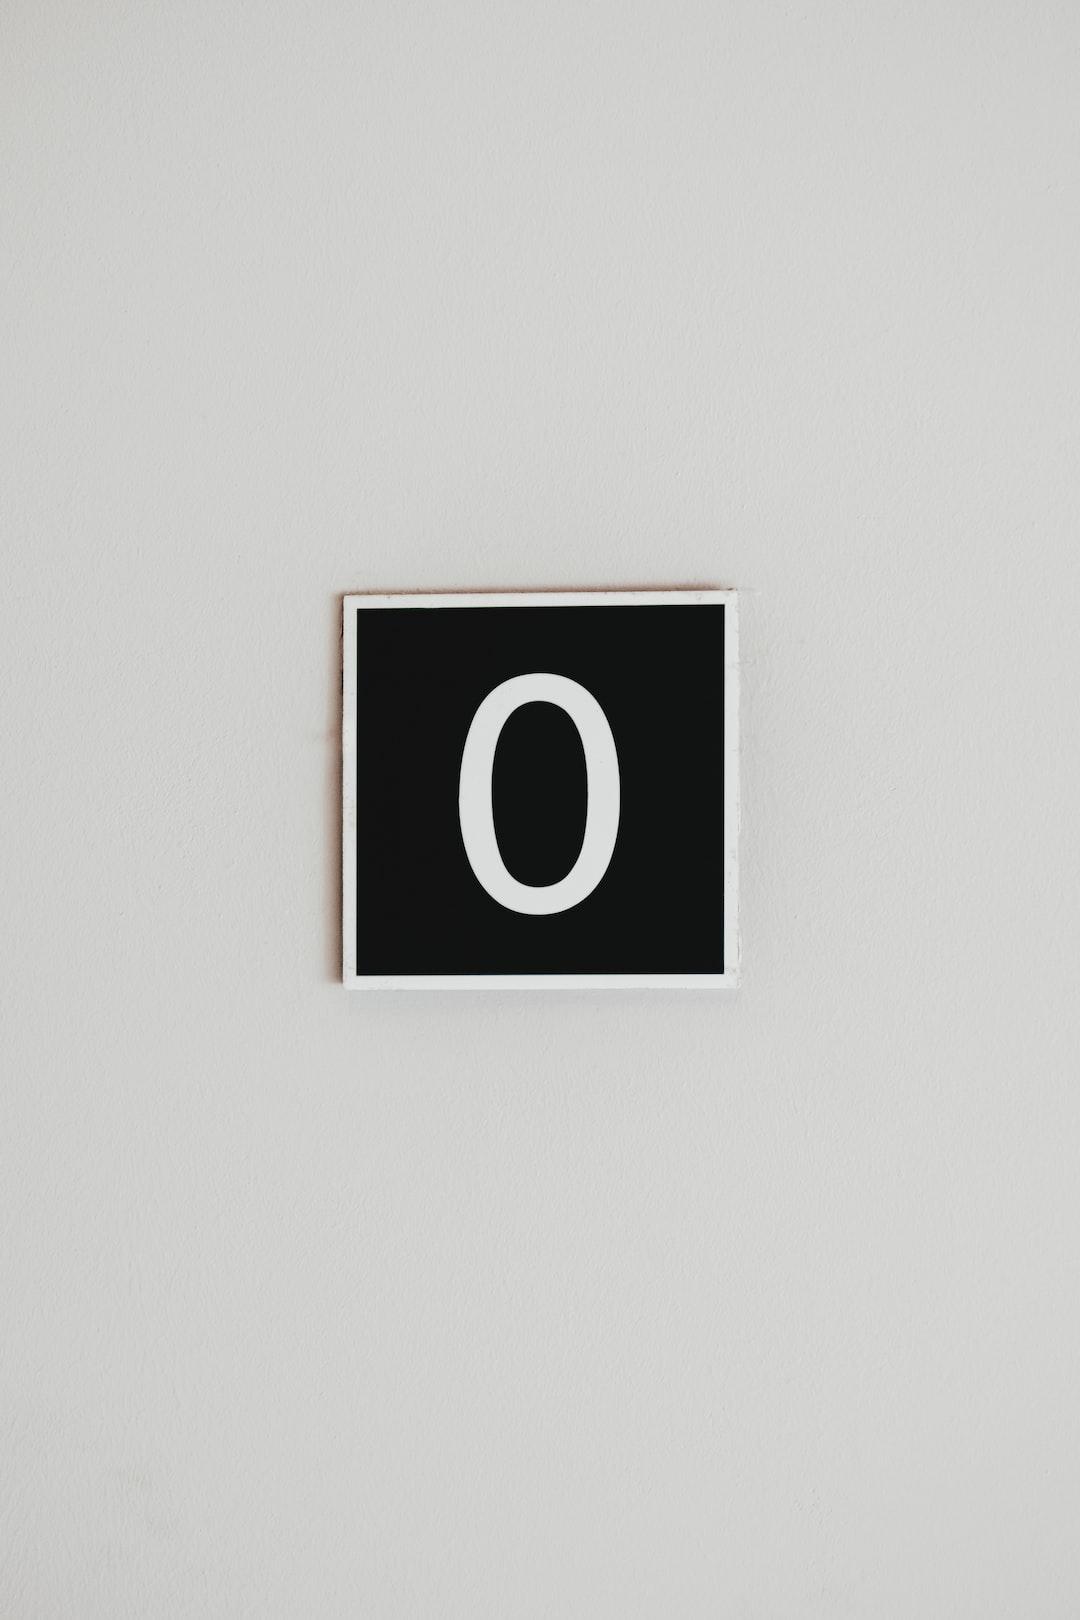 Numărătoare inversă